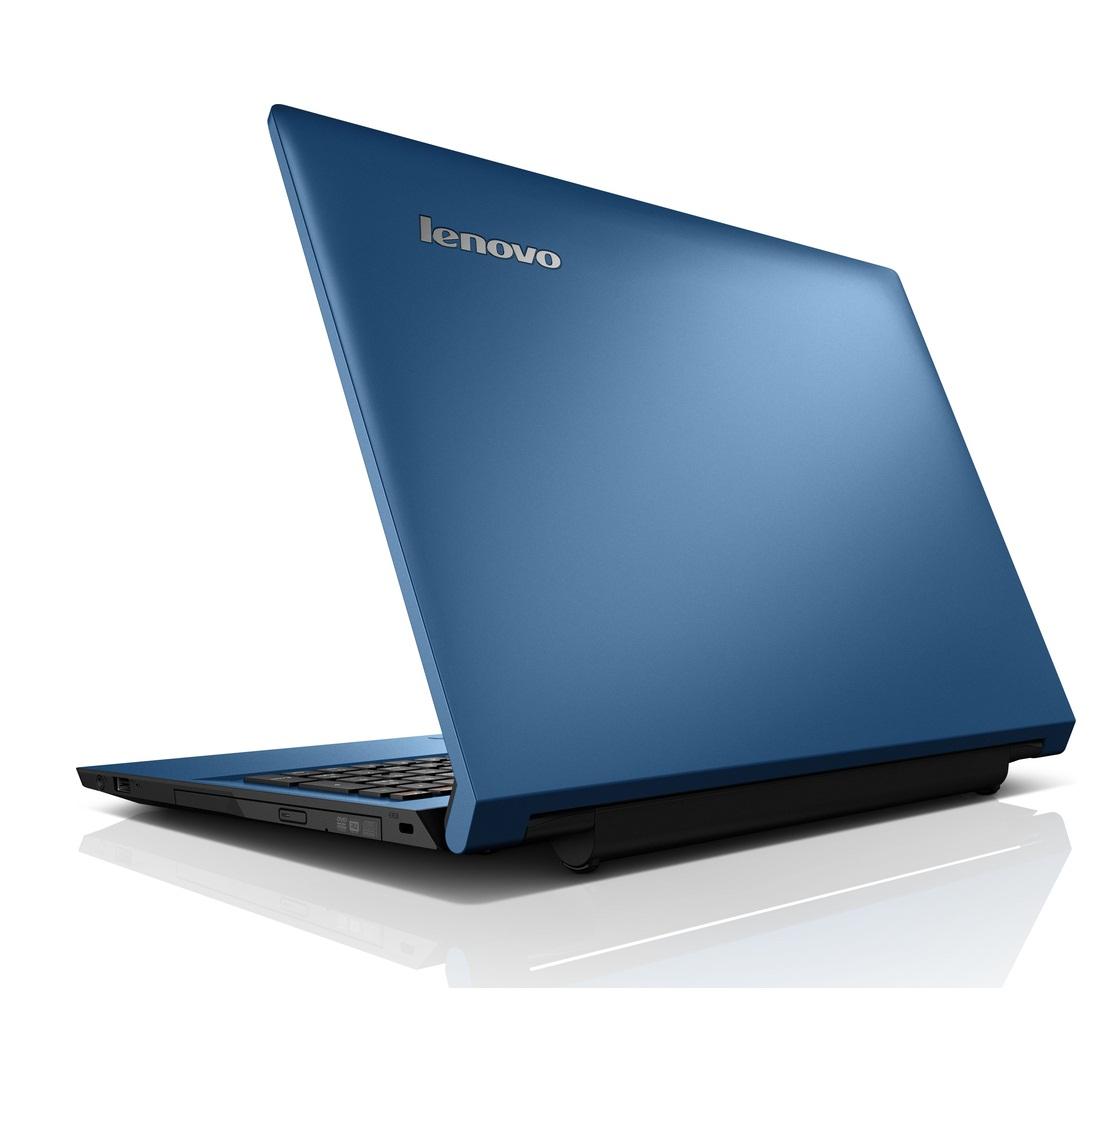 Laptop Lenovo Ideapad 305 80NJ00HSVN (Blue)- Bảo hành vàng 1 năm quốc tế